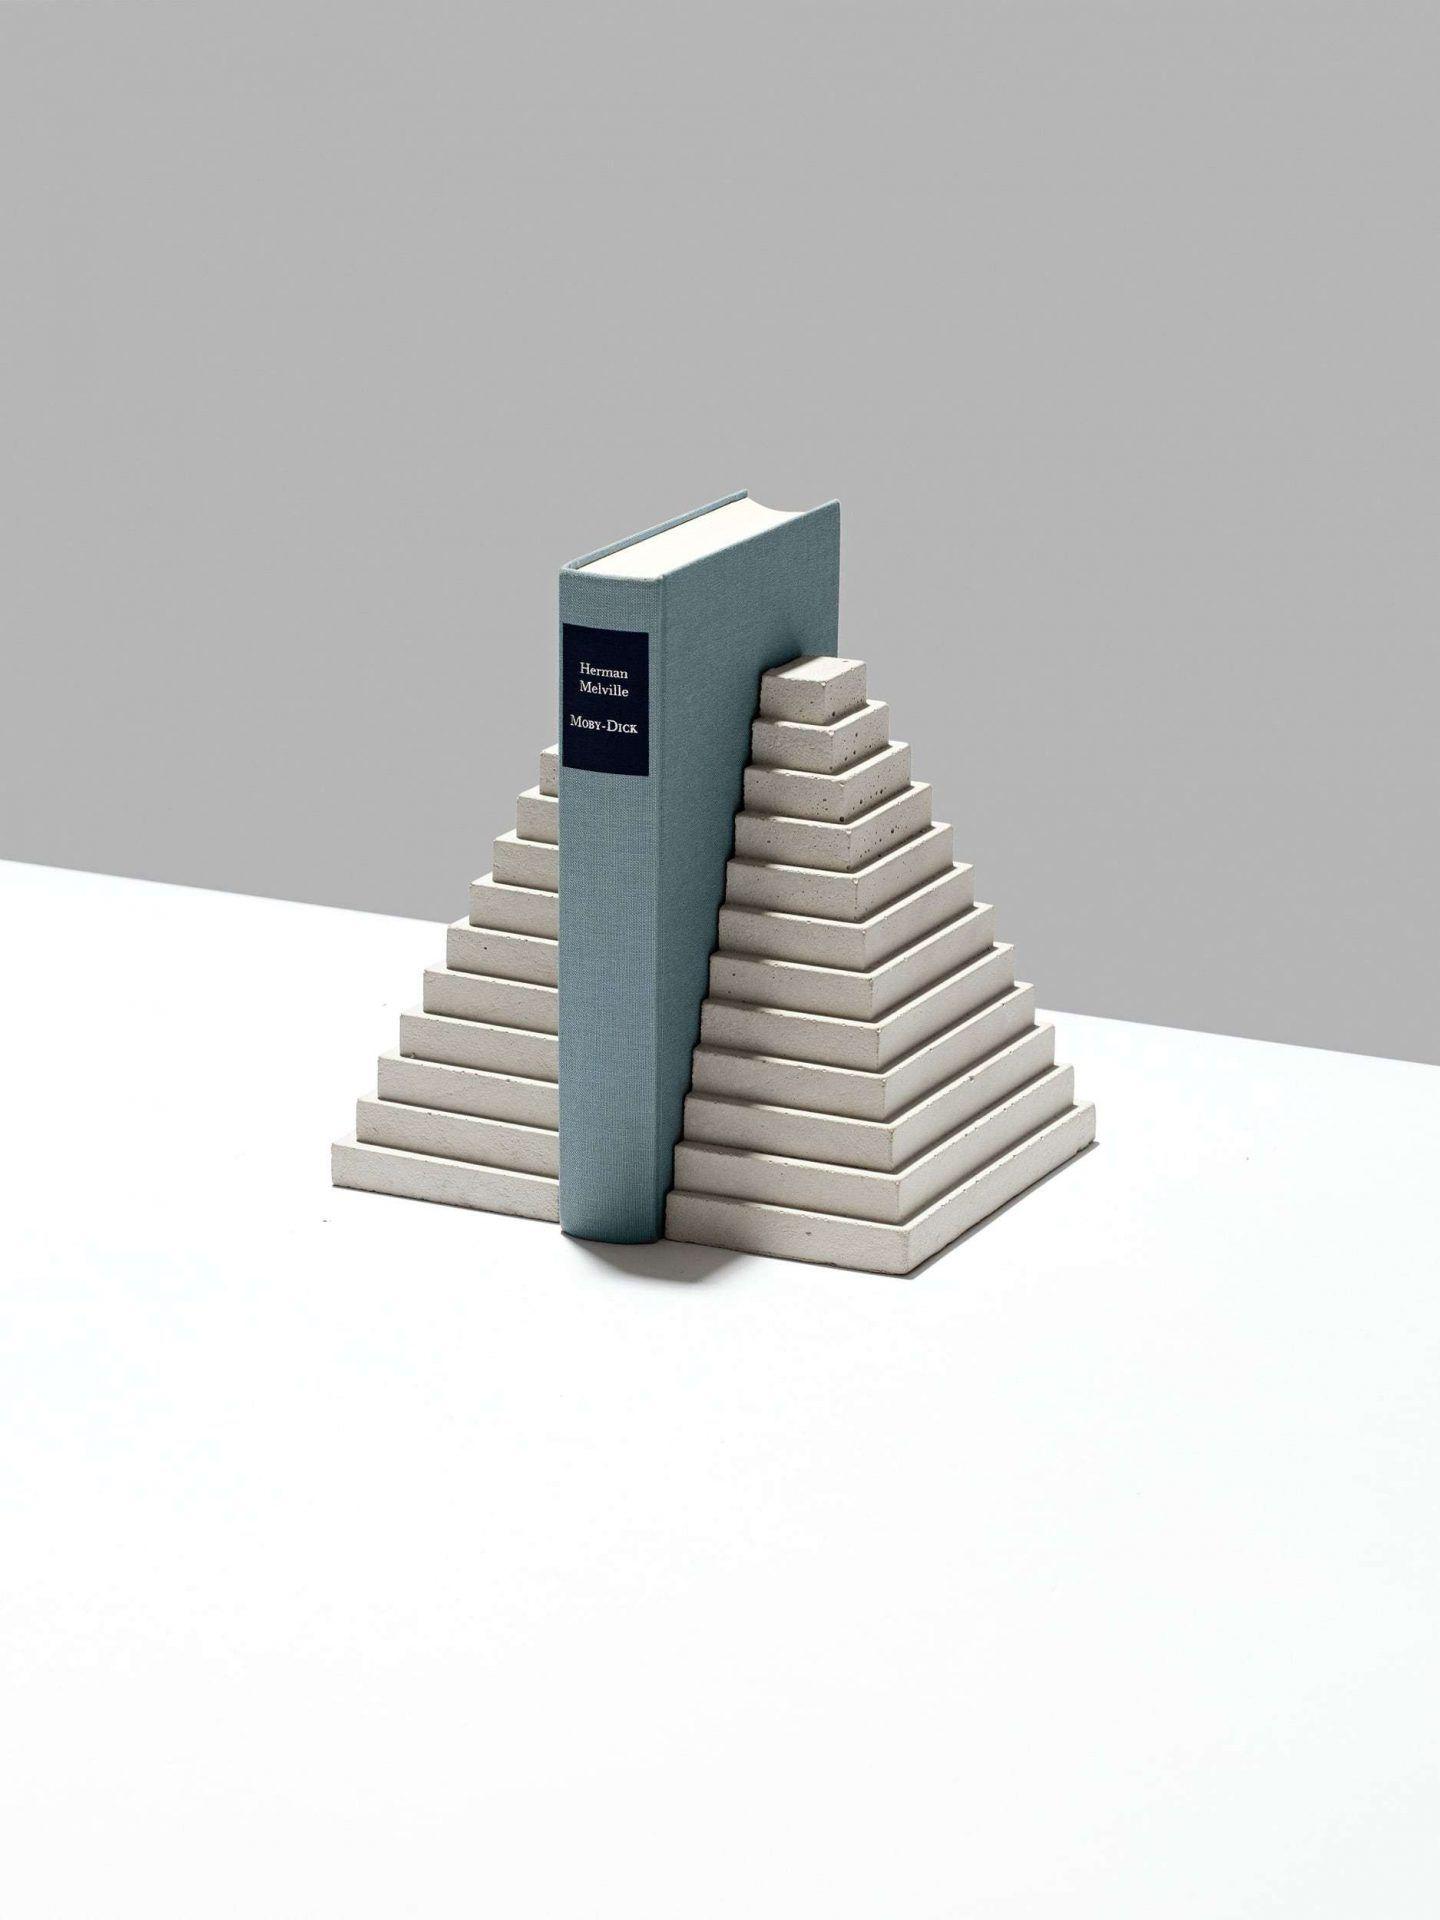 IGNANT-Design-Klemens-Schillinger-Landmarks-003